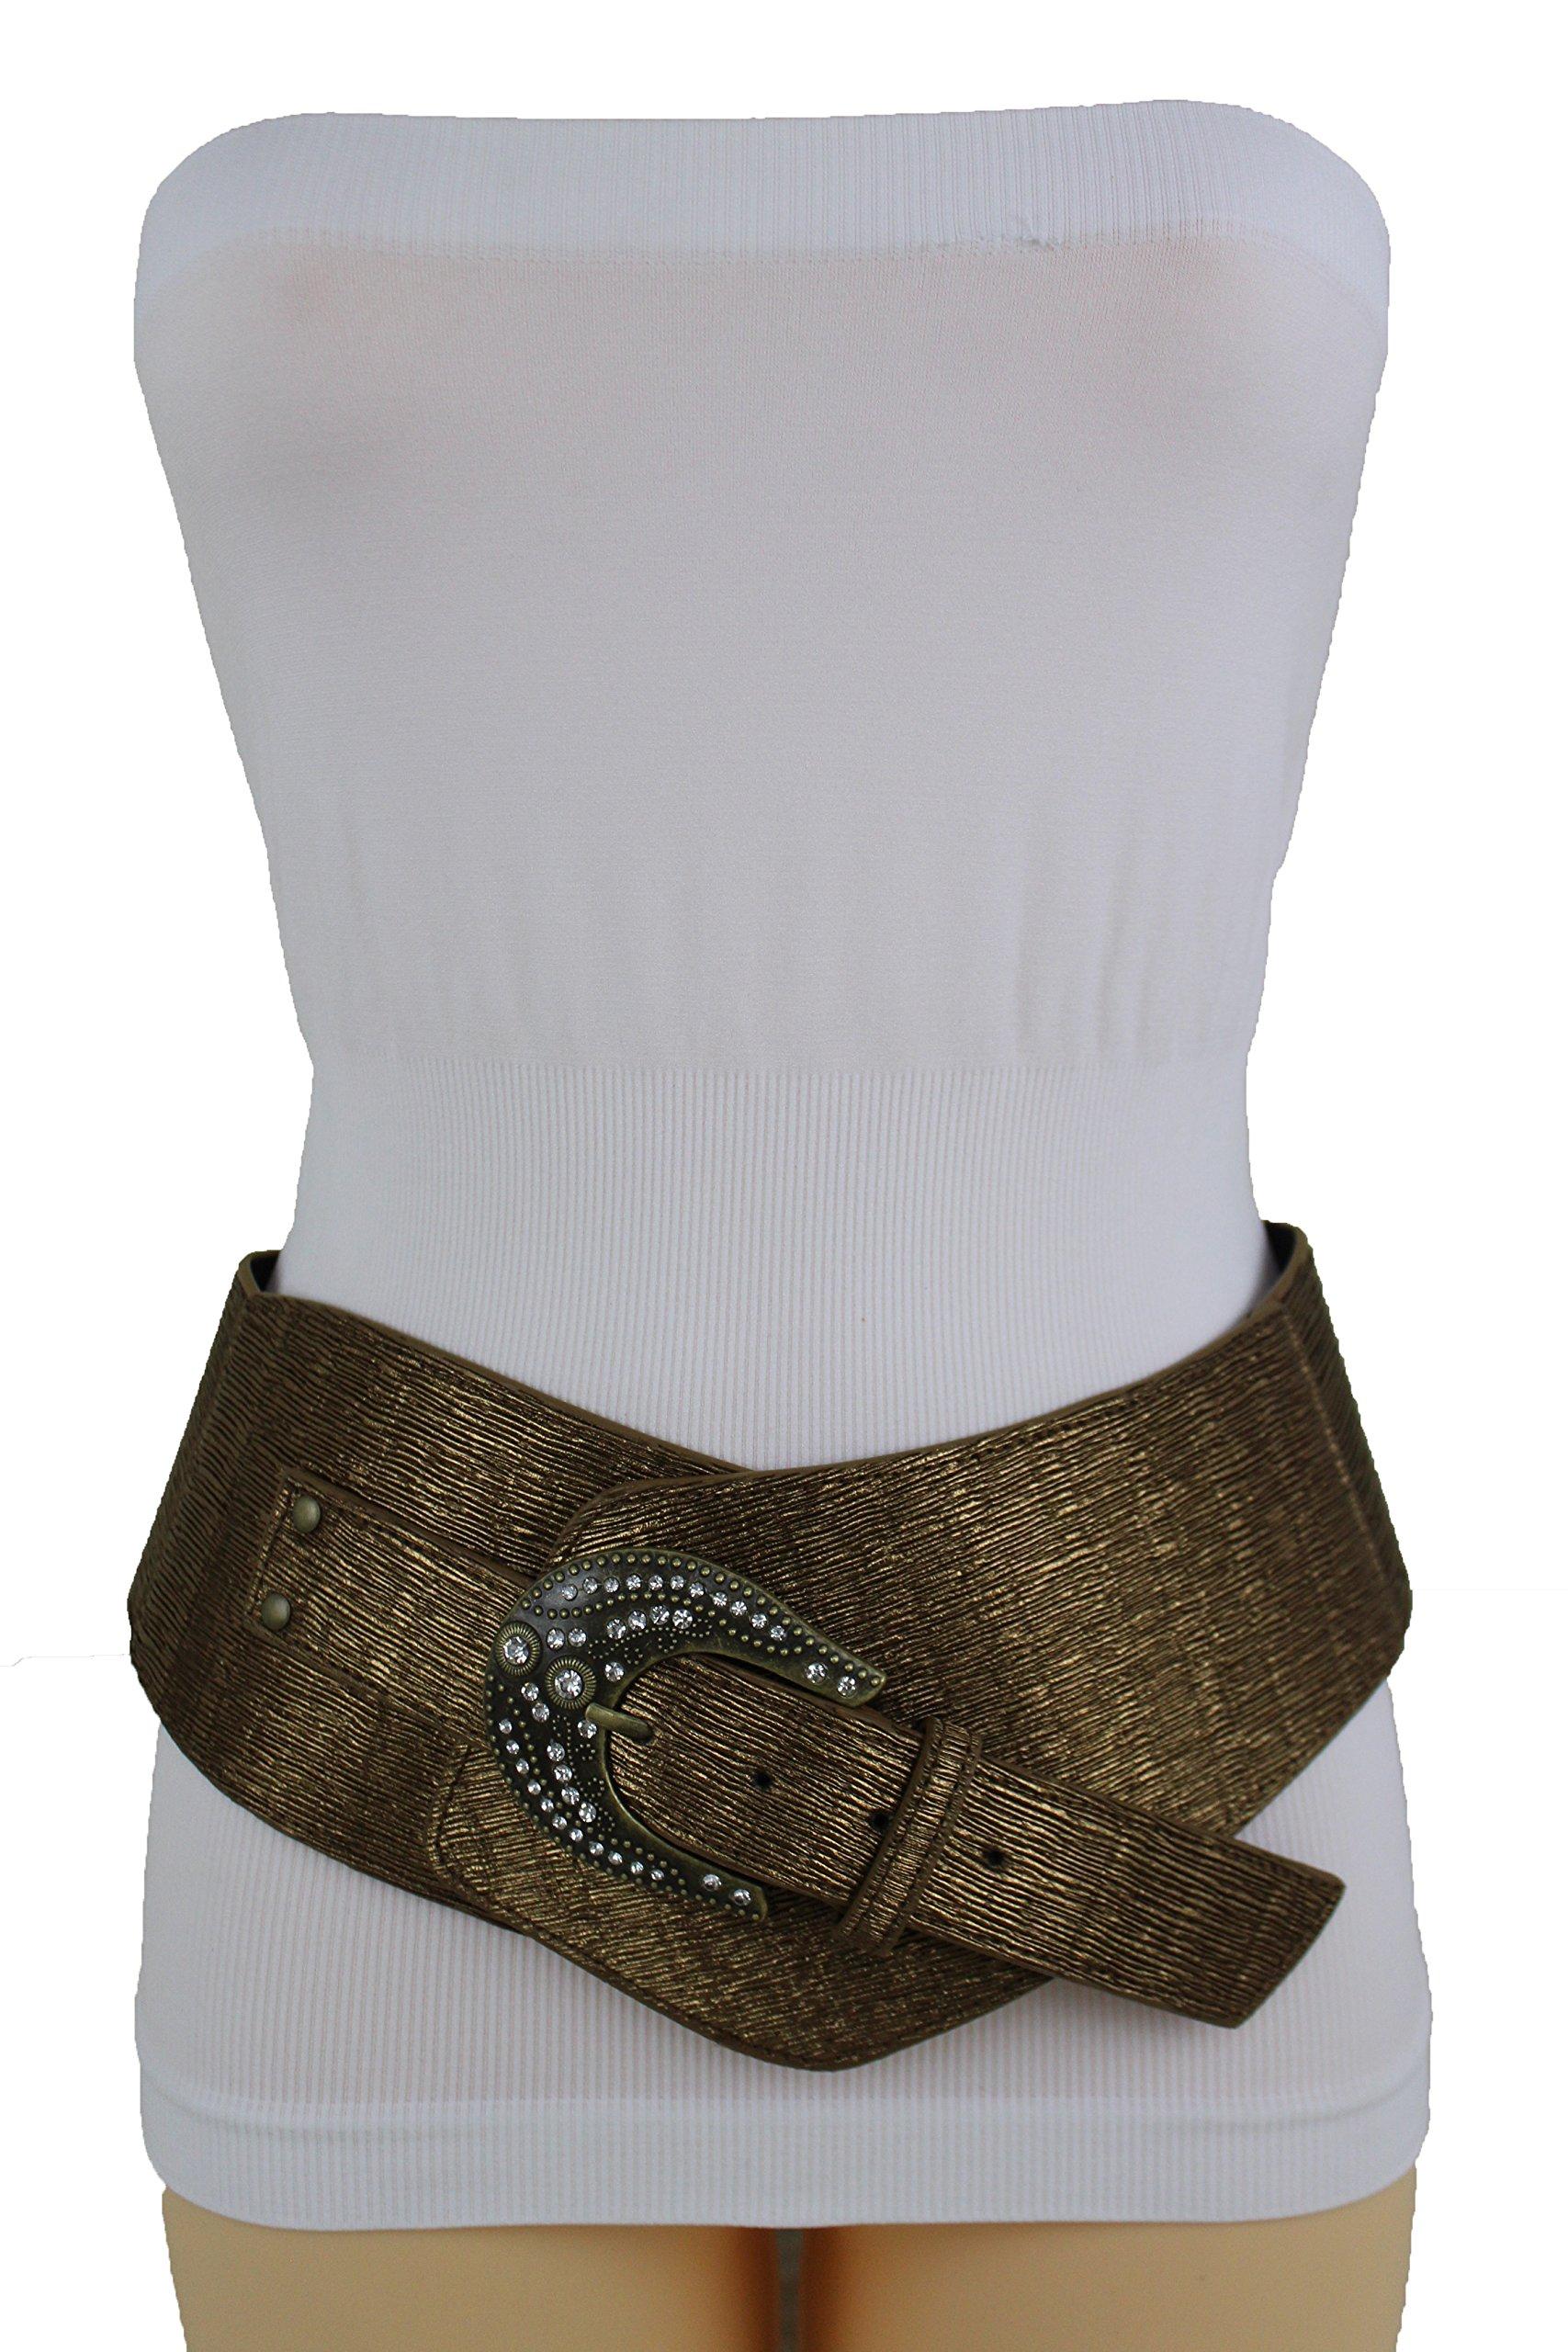 TFJ Women Wide Western Belt Waist Hip Faux Leather Plus XL XXL Bronze Brown